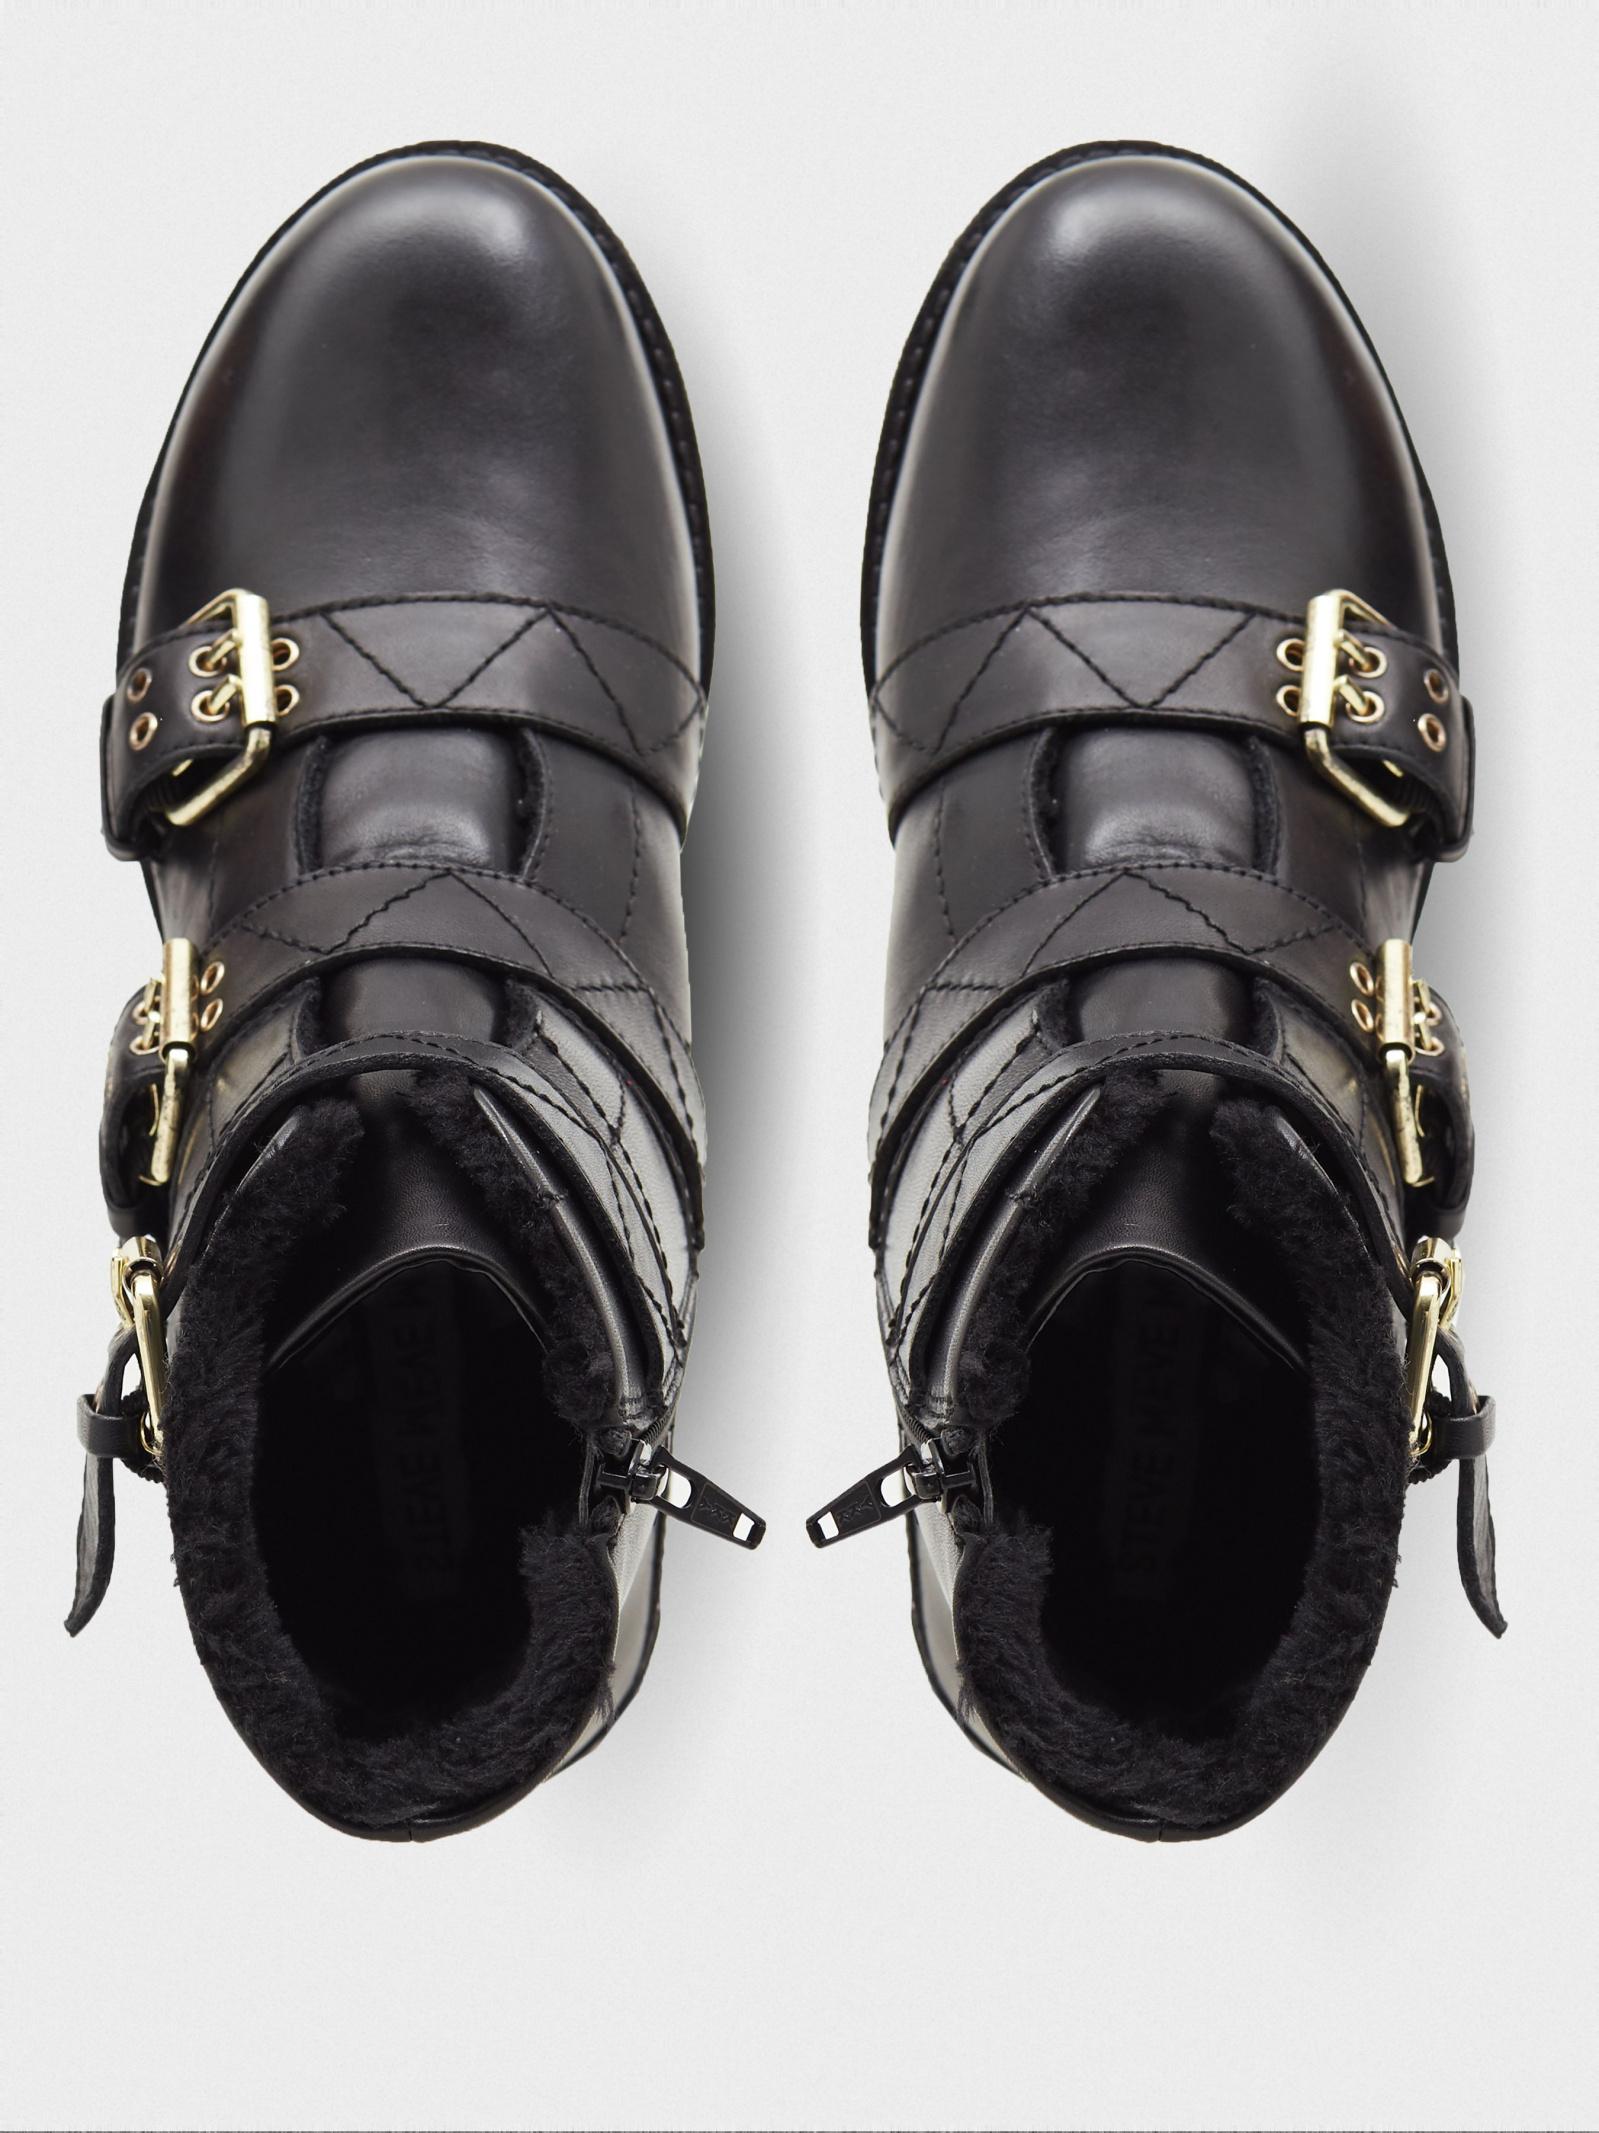 Ботинки для женщин Steve Madden 9T109 купить обувь, 2017